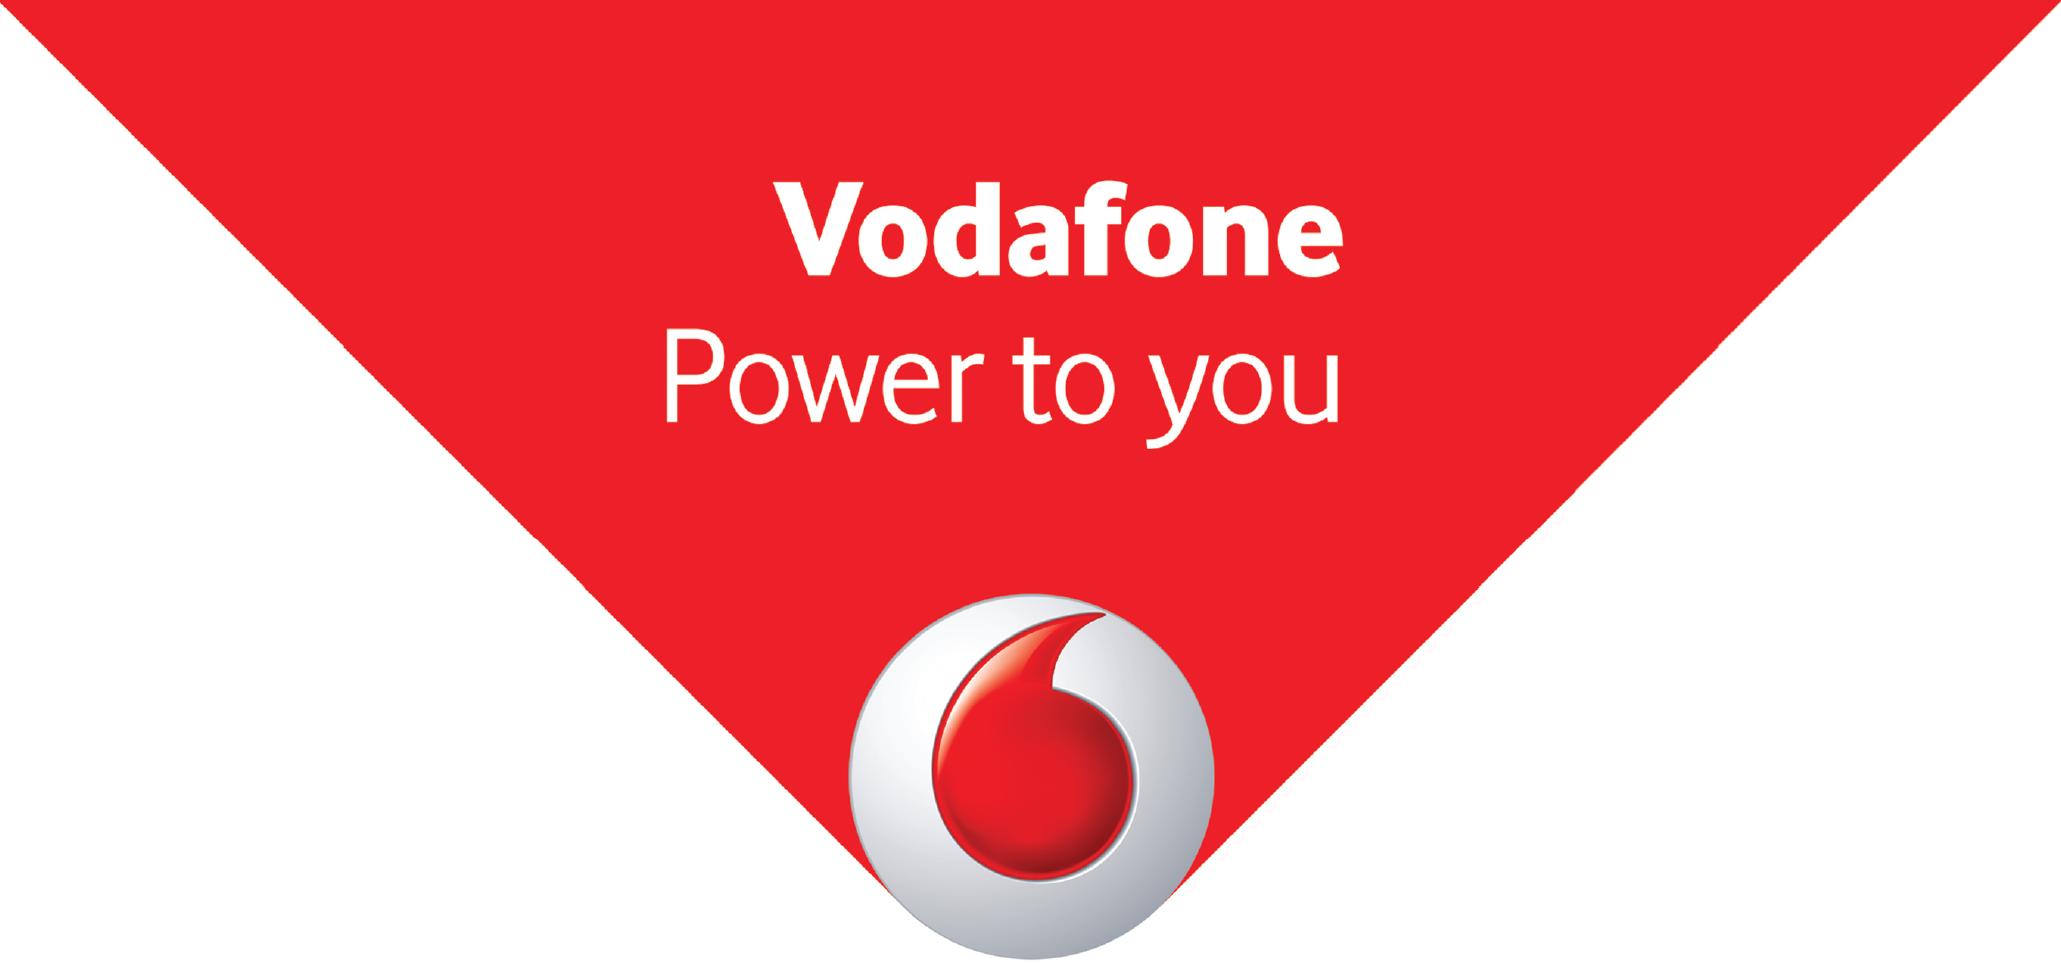 Best Vodafone Free Internet Tricks 2019 (Hacked)